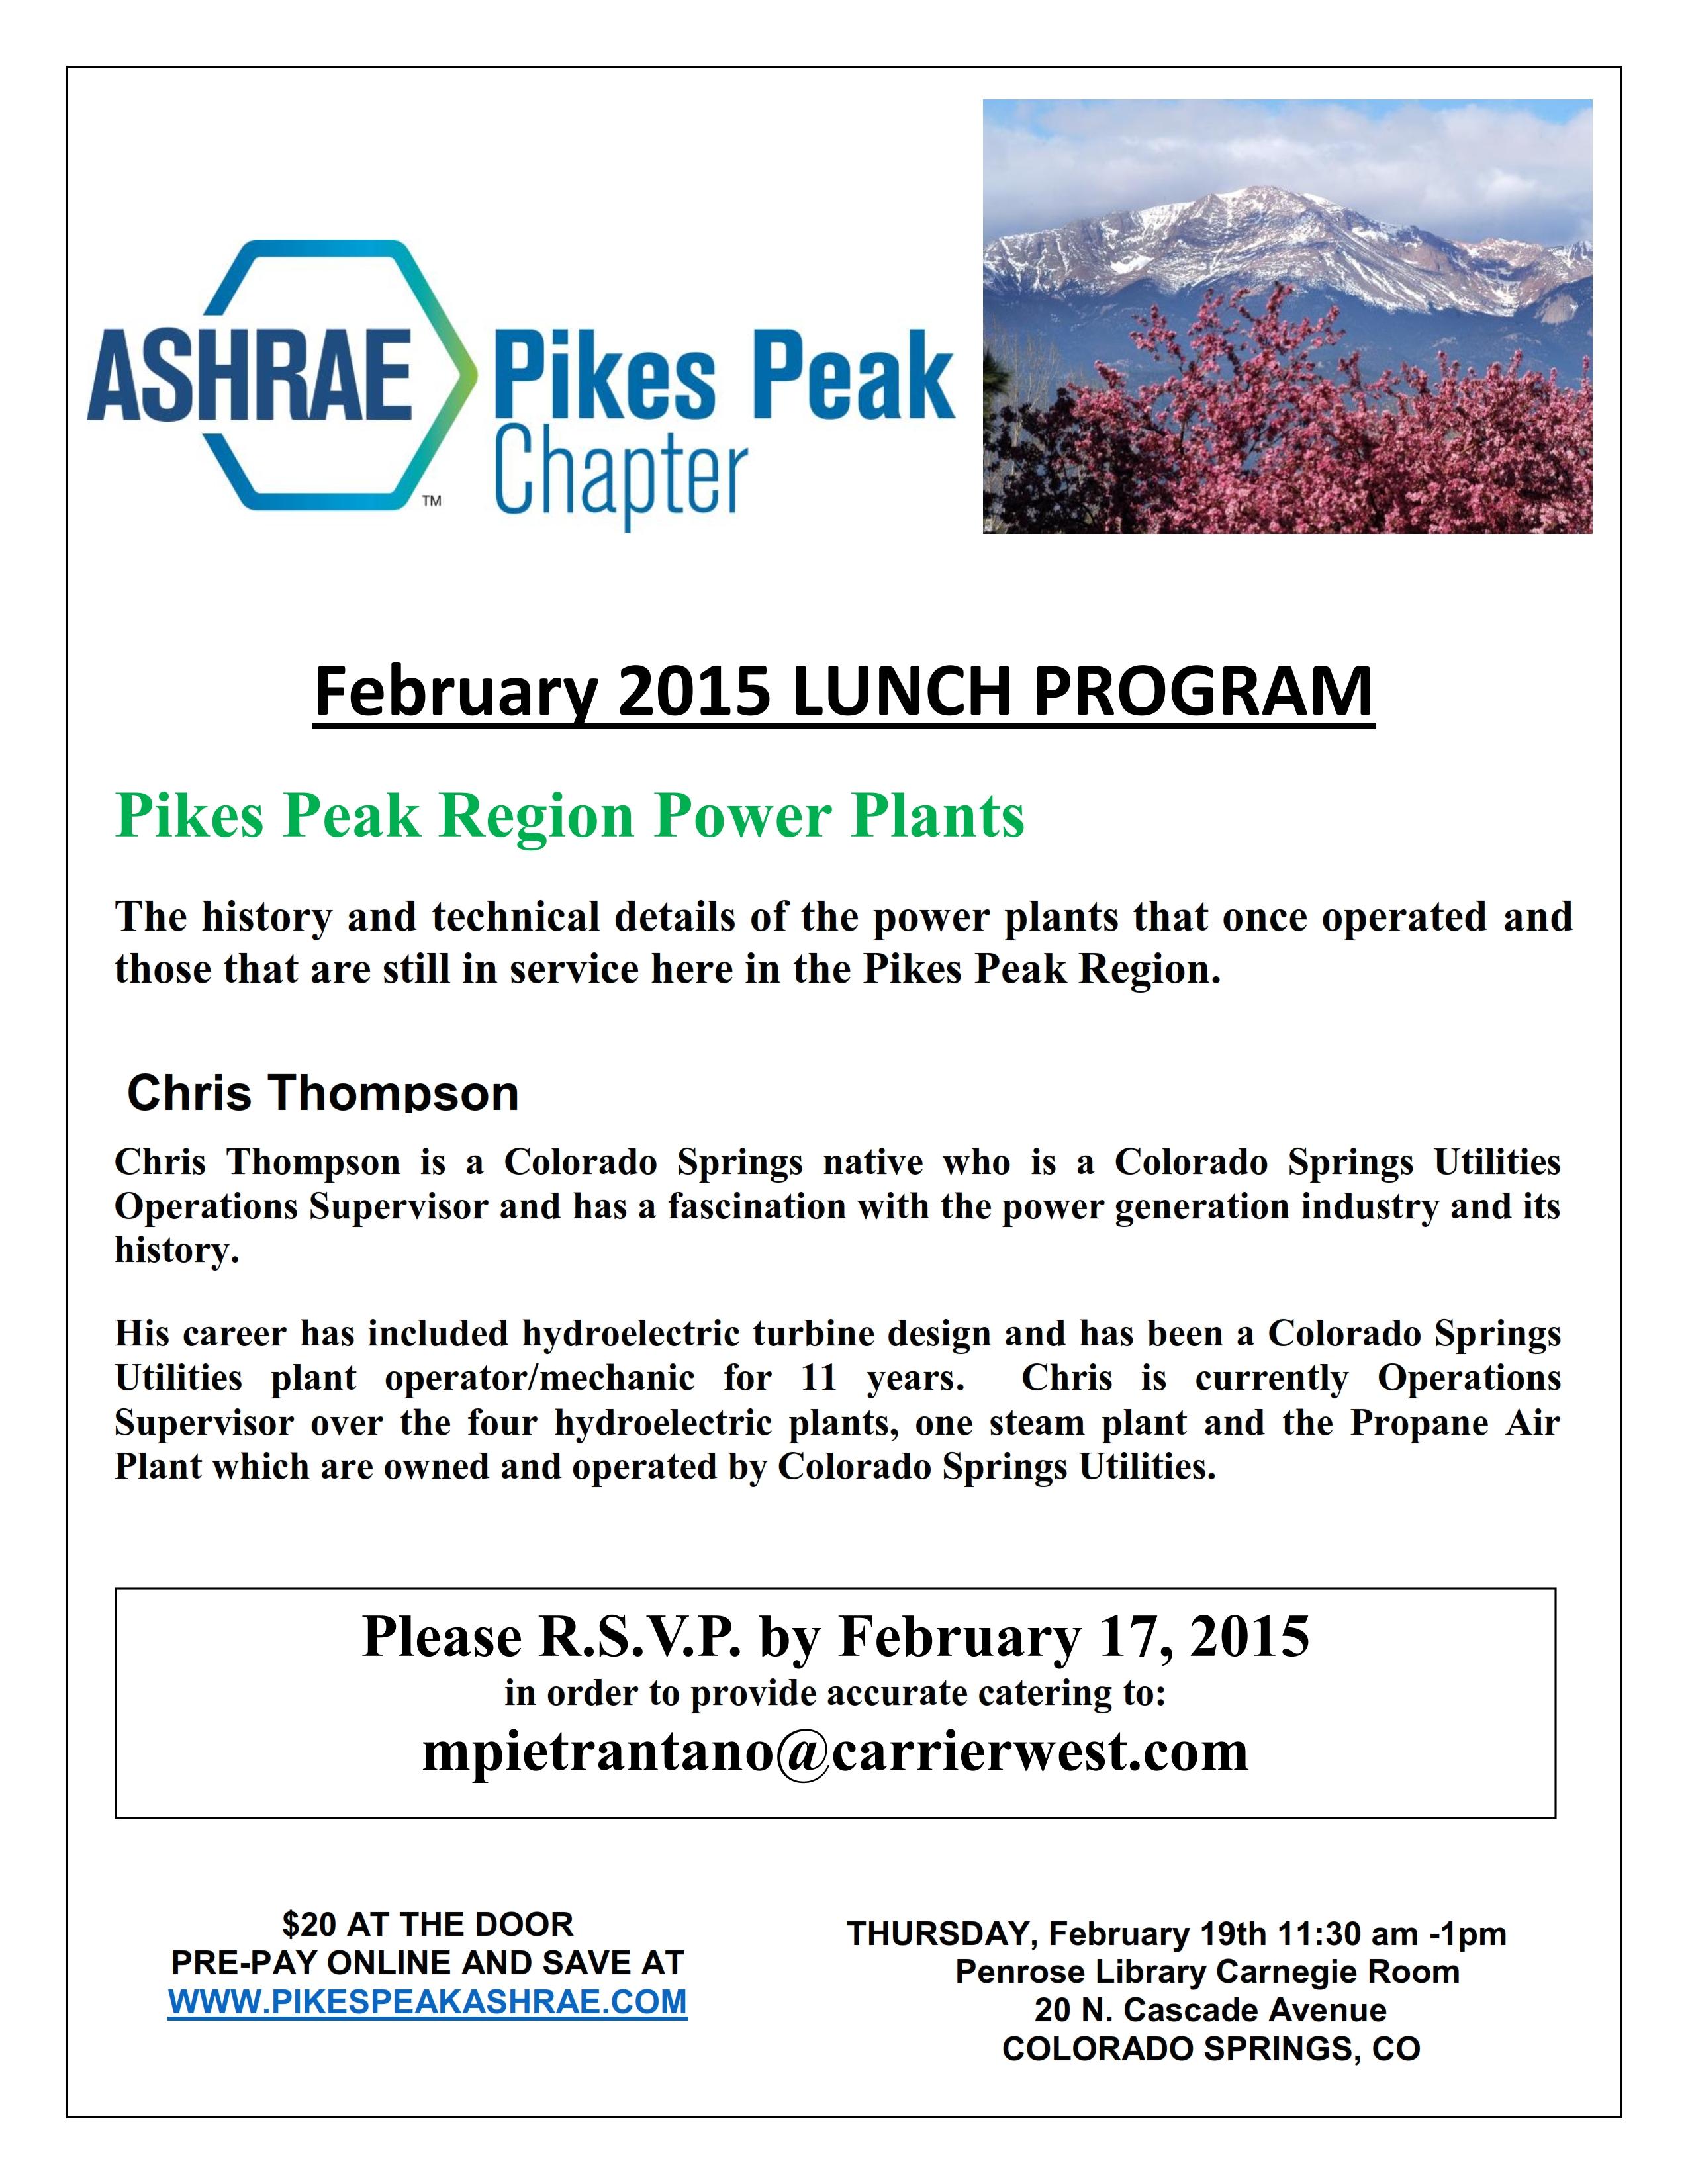 CTTC Pikes Peak ASHRAE  flyer 2-19-15_001